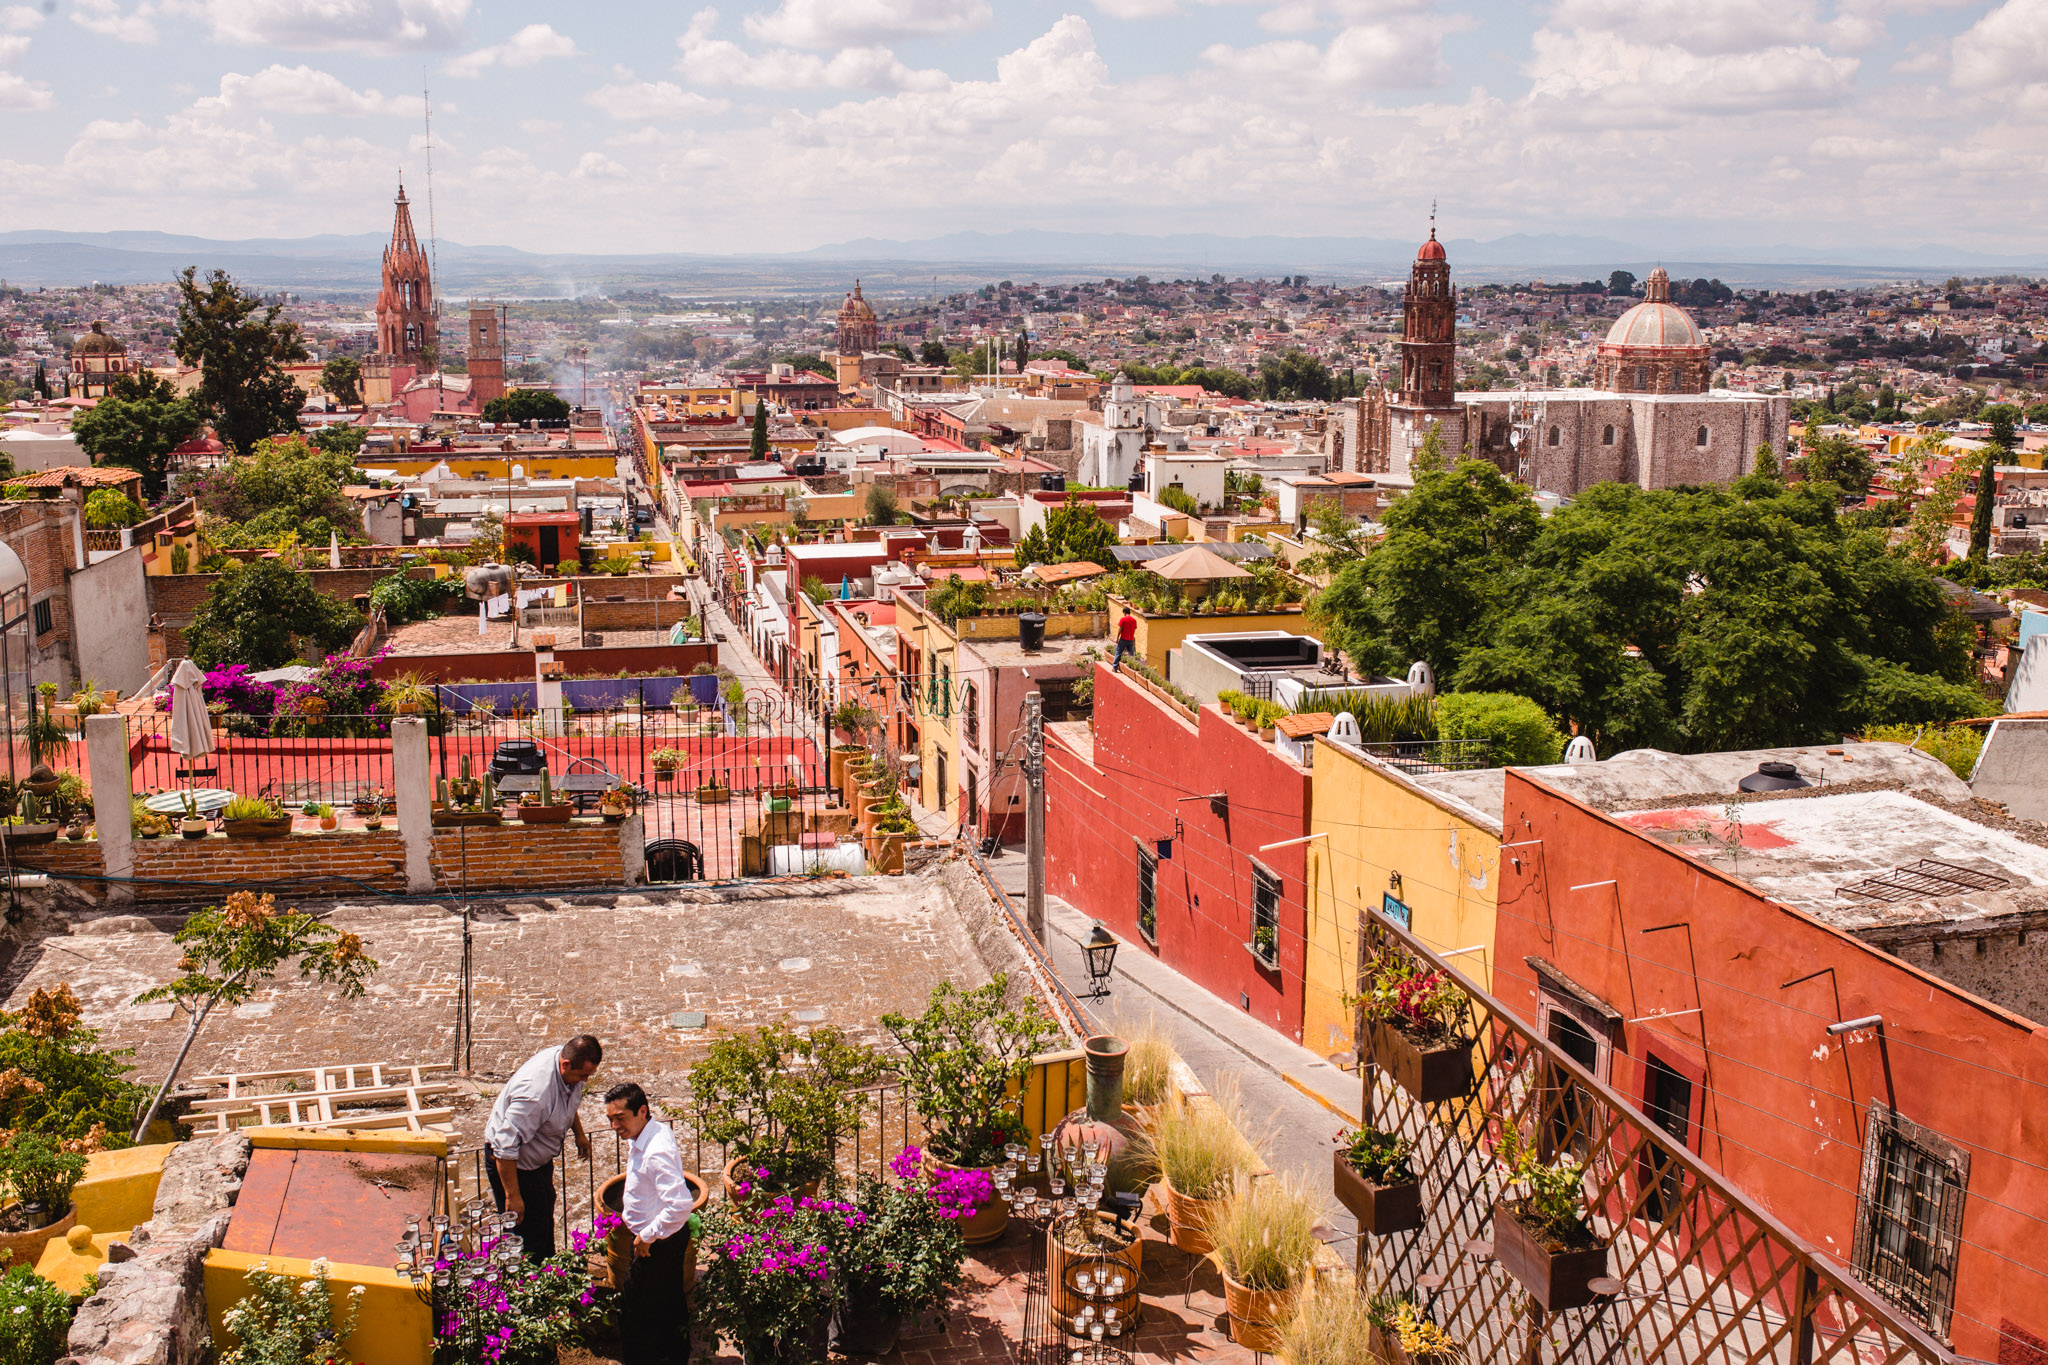 Blog-Wedding-Destination-Photography-San-Miguel-de-Allende-Jorge-Navarrete-Fotografía-Boda-Sandra-Beto.jpg